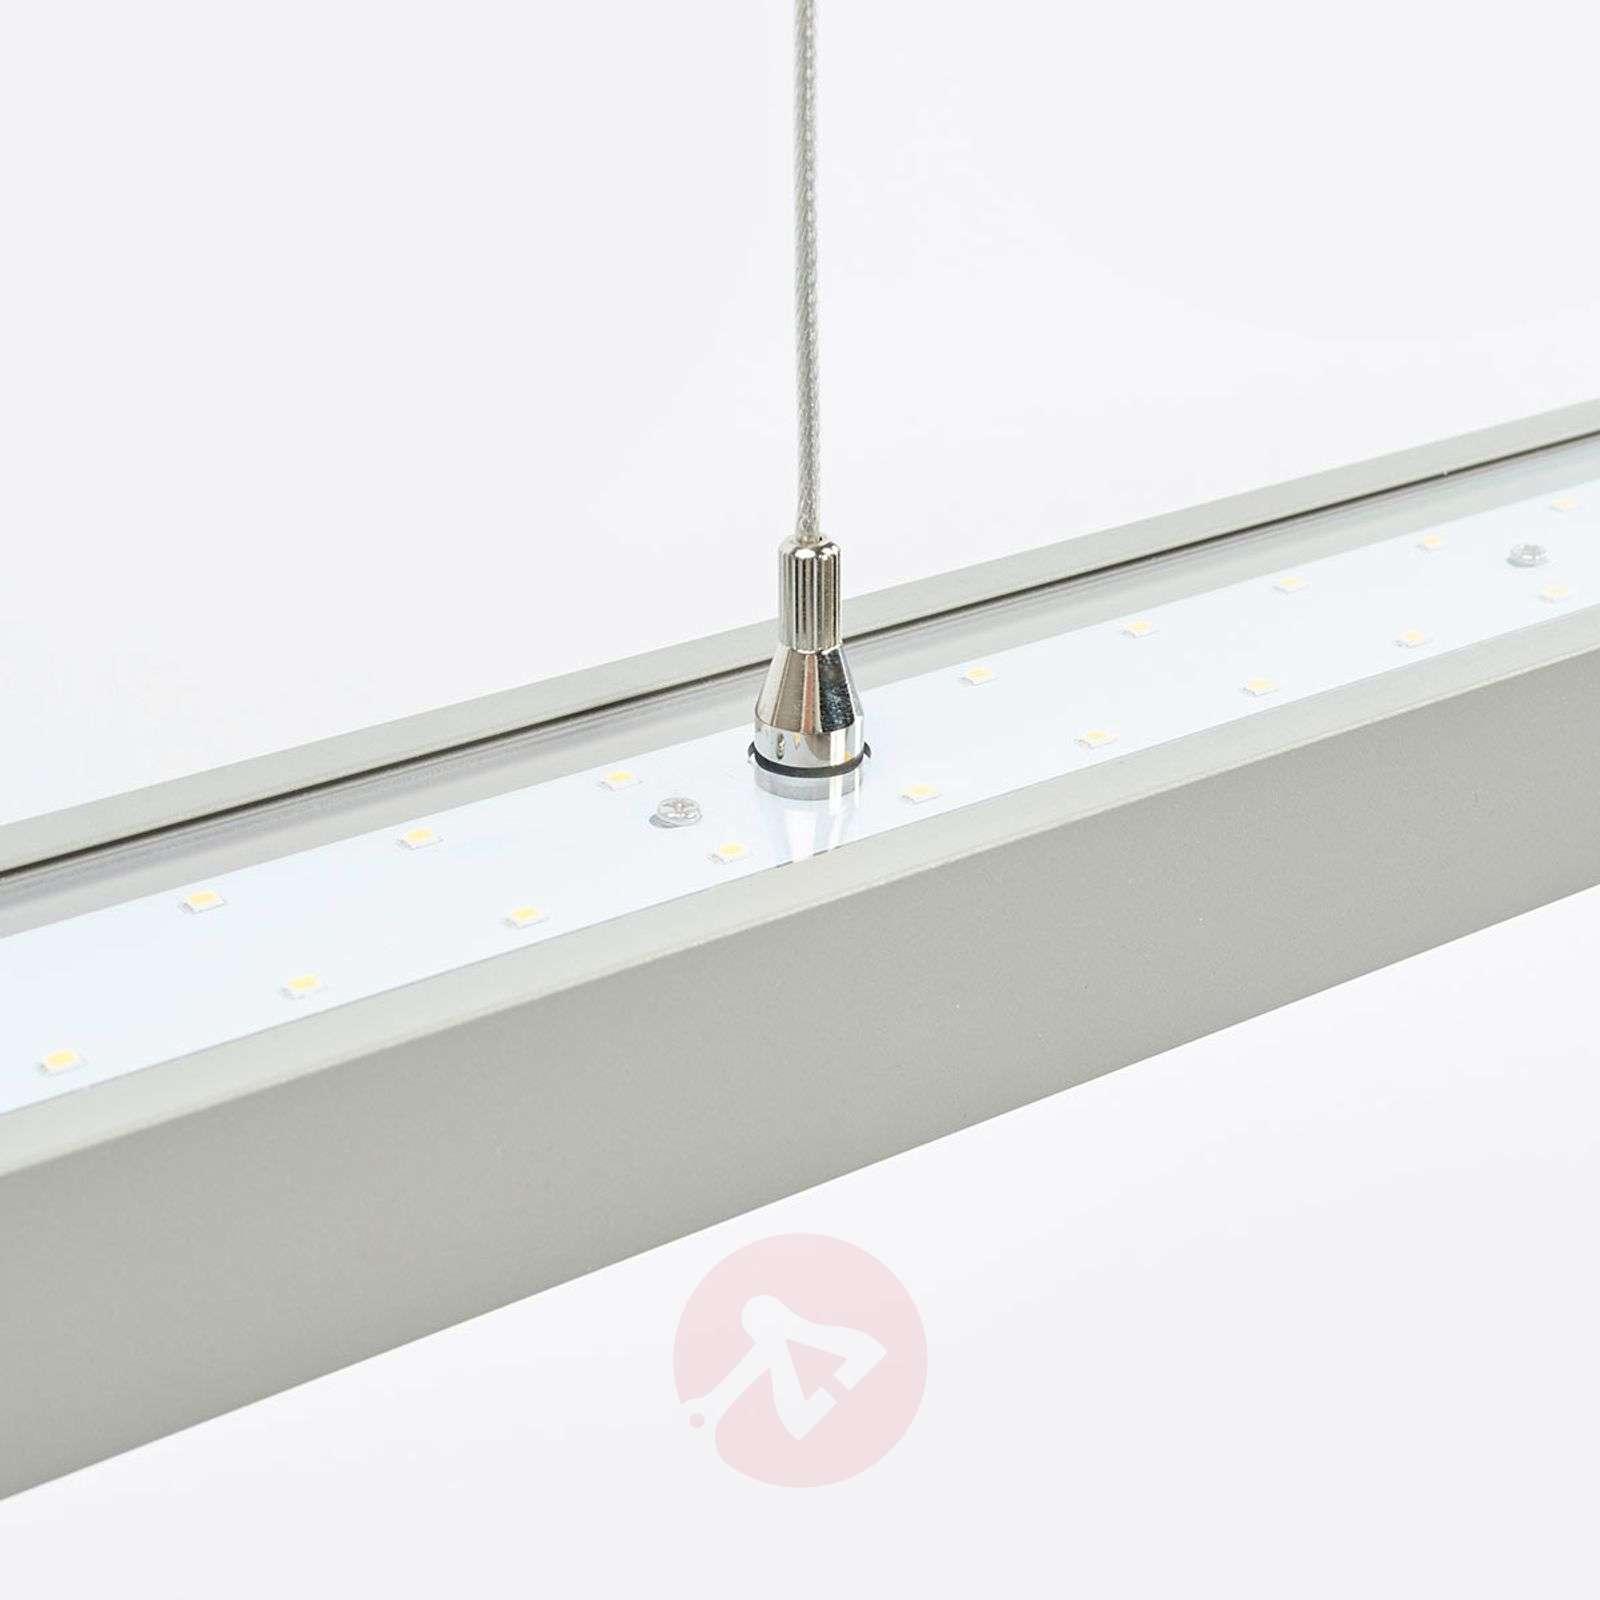 LED-riippuvalo Jolinda toimistokäyttöön, hopea-9968026-01